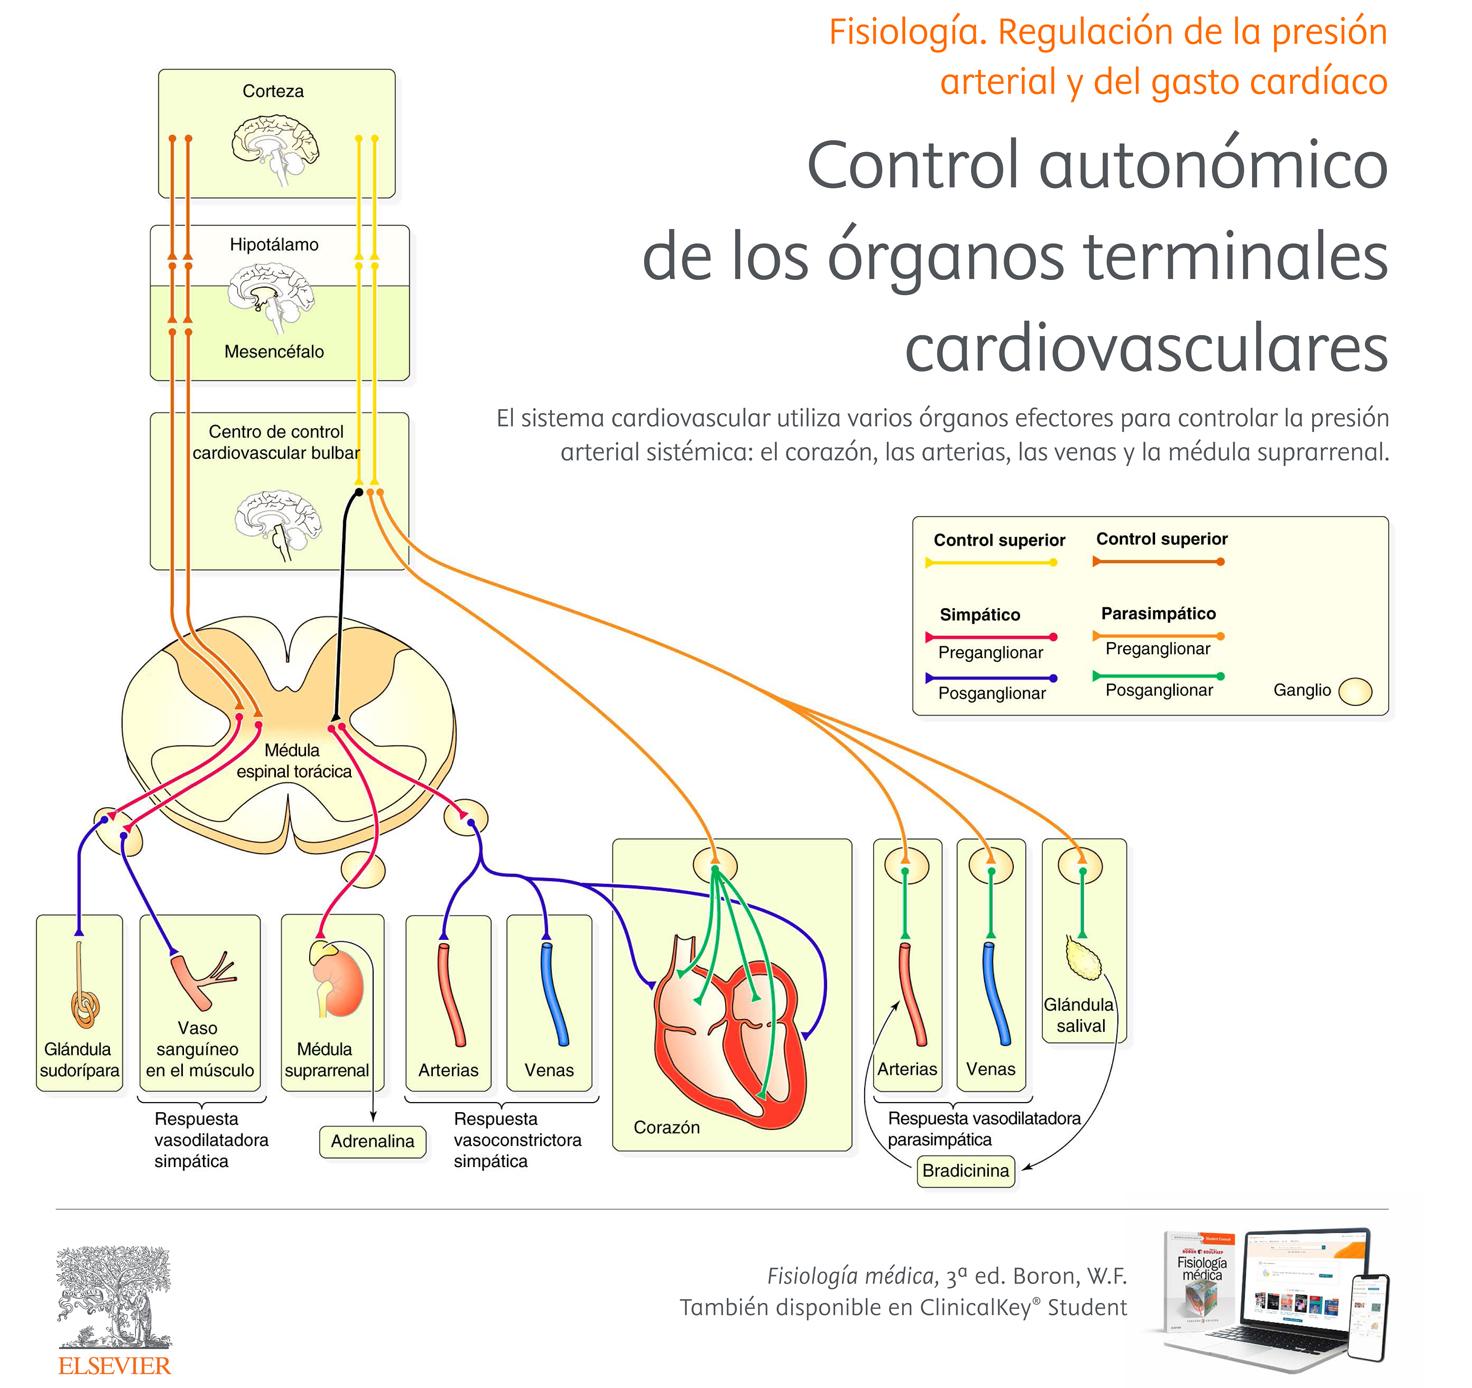 Control autonómico de los órganos terminales cardiovasculares